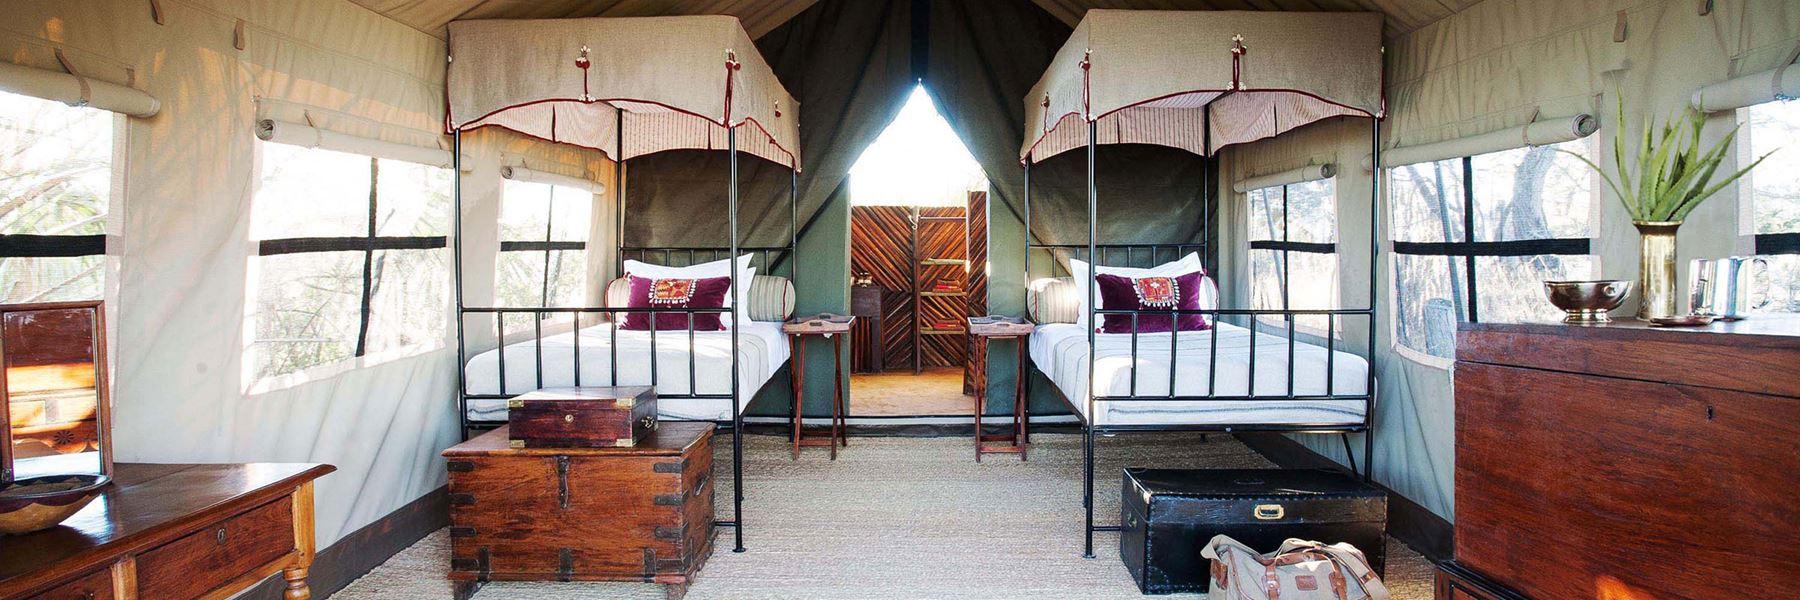 Camp_Kalahari_Makgadikgadi_Pans